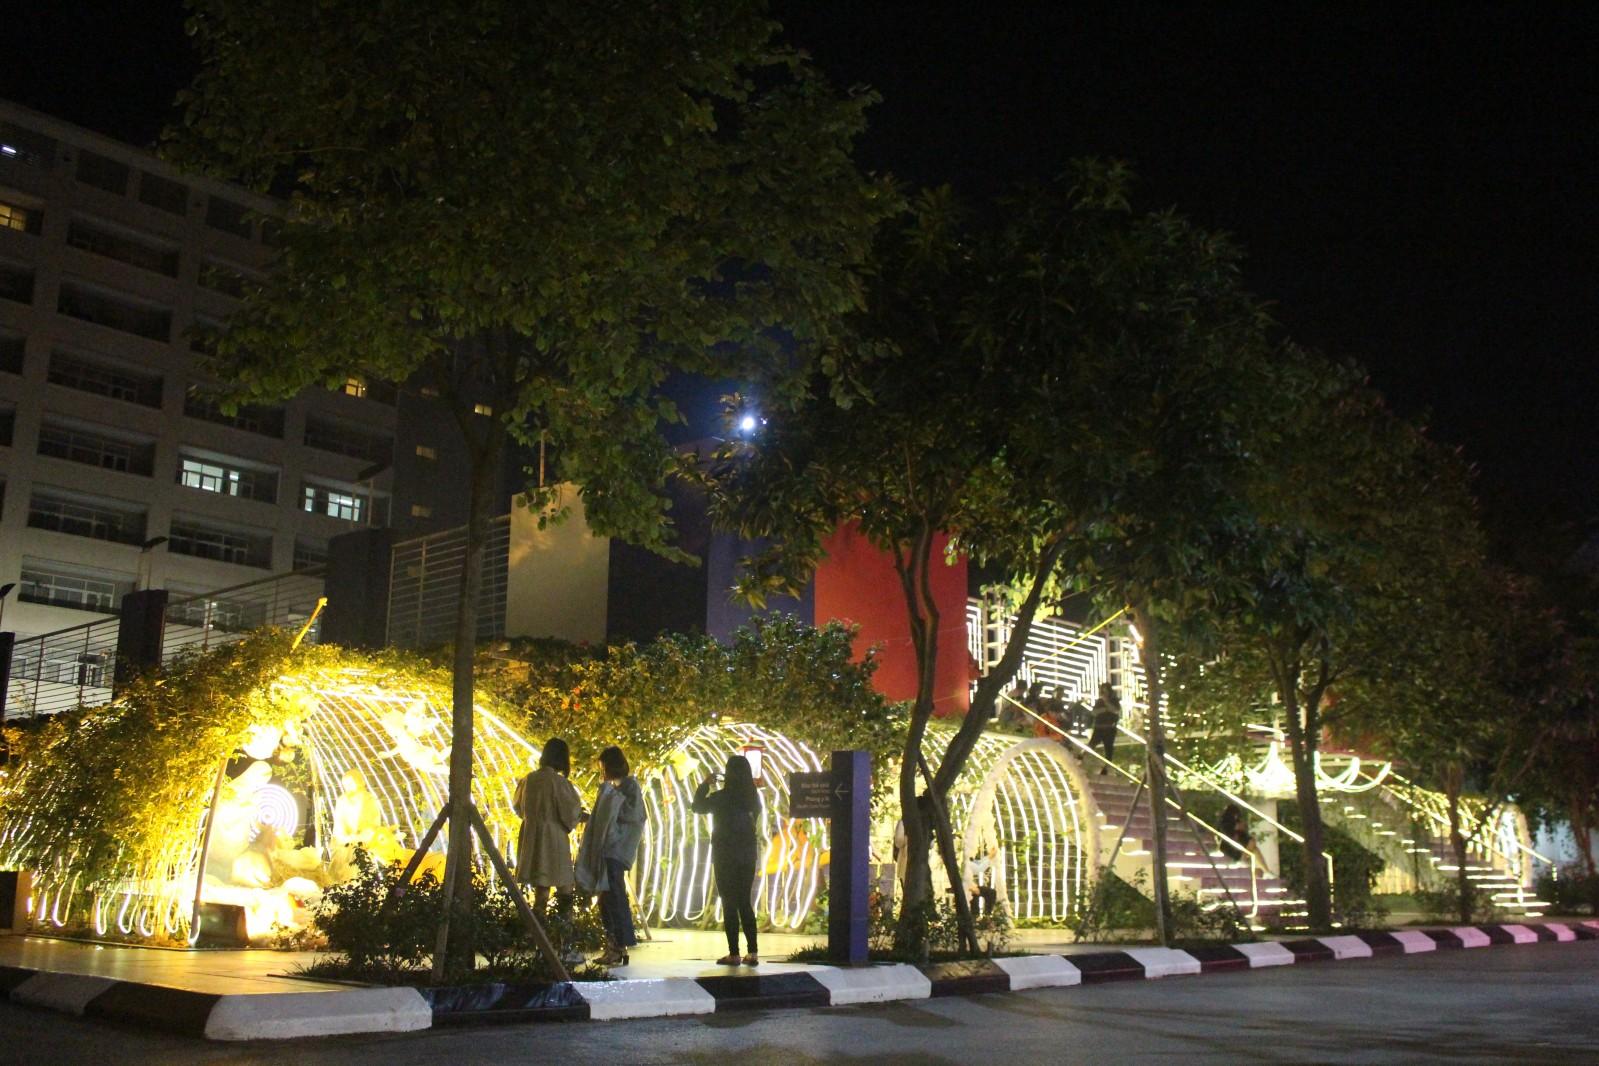 Nhiều trường Đại học trên địa bàn Hà Nội, đặc biệt là Đại học Thăng Long đã dần đón Giáng Sinh cùng sinh viên của mình với khuôn viên được trang trí có một không hai